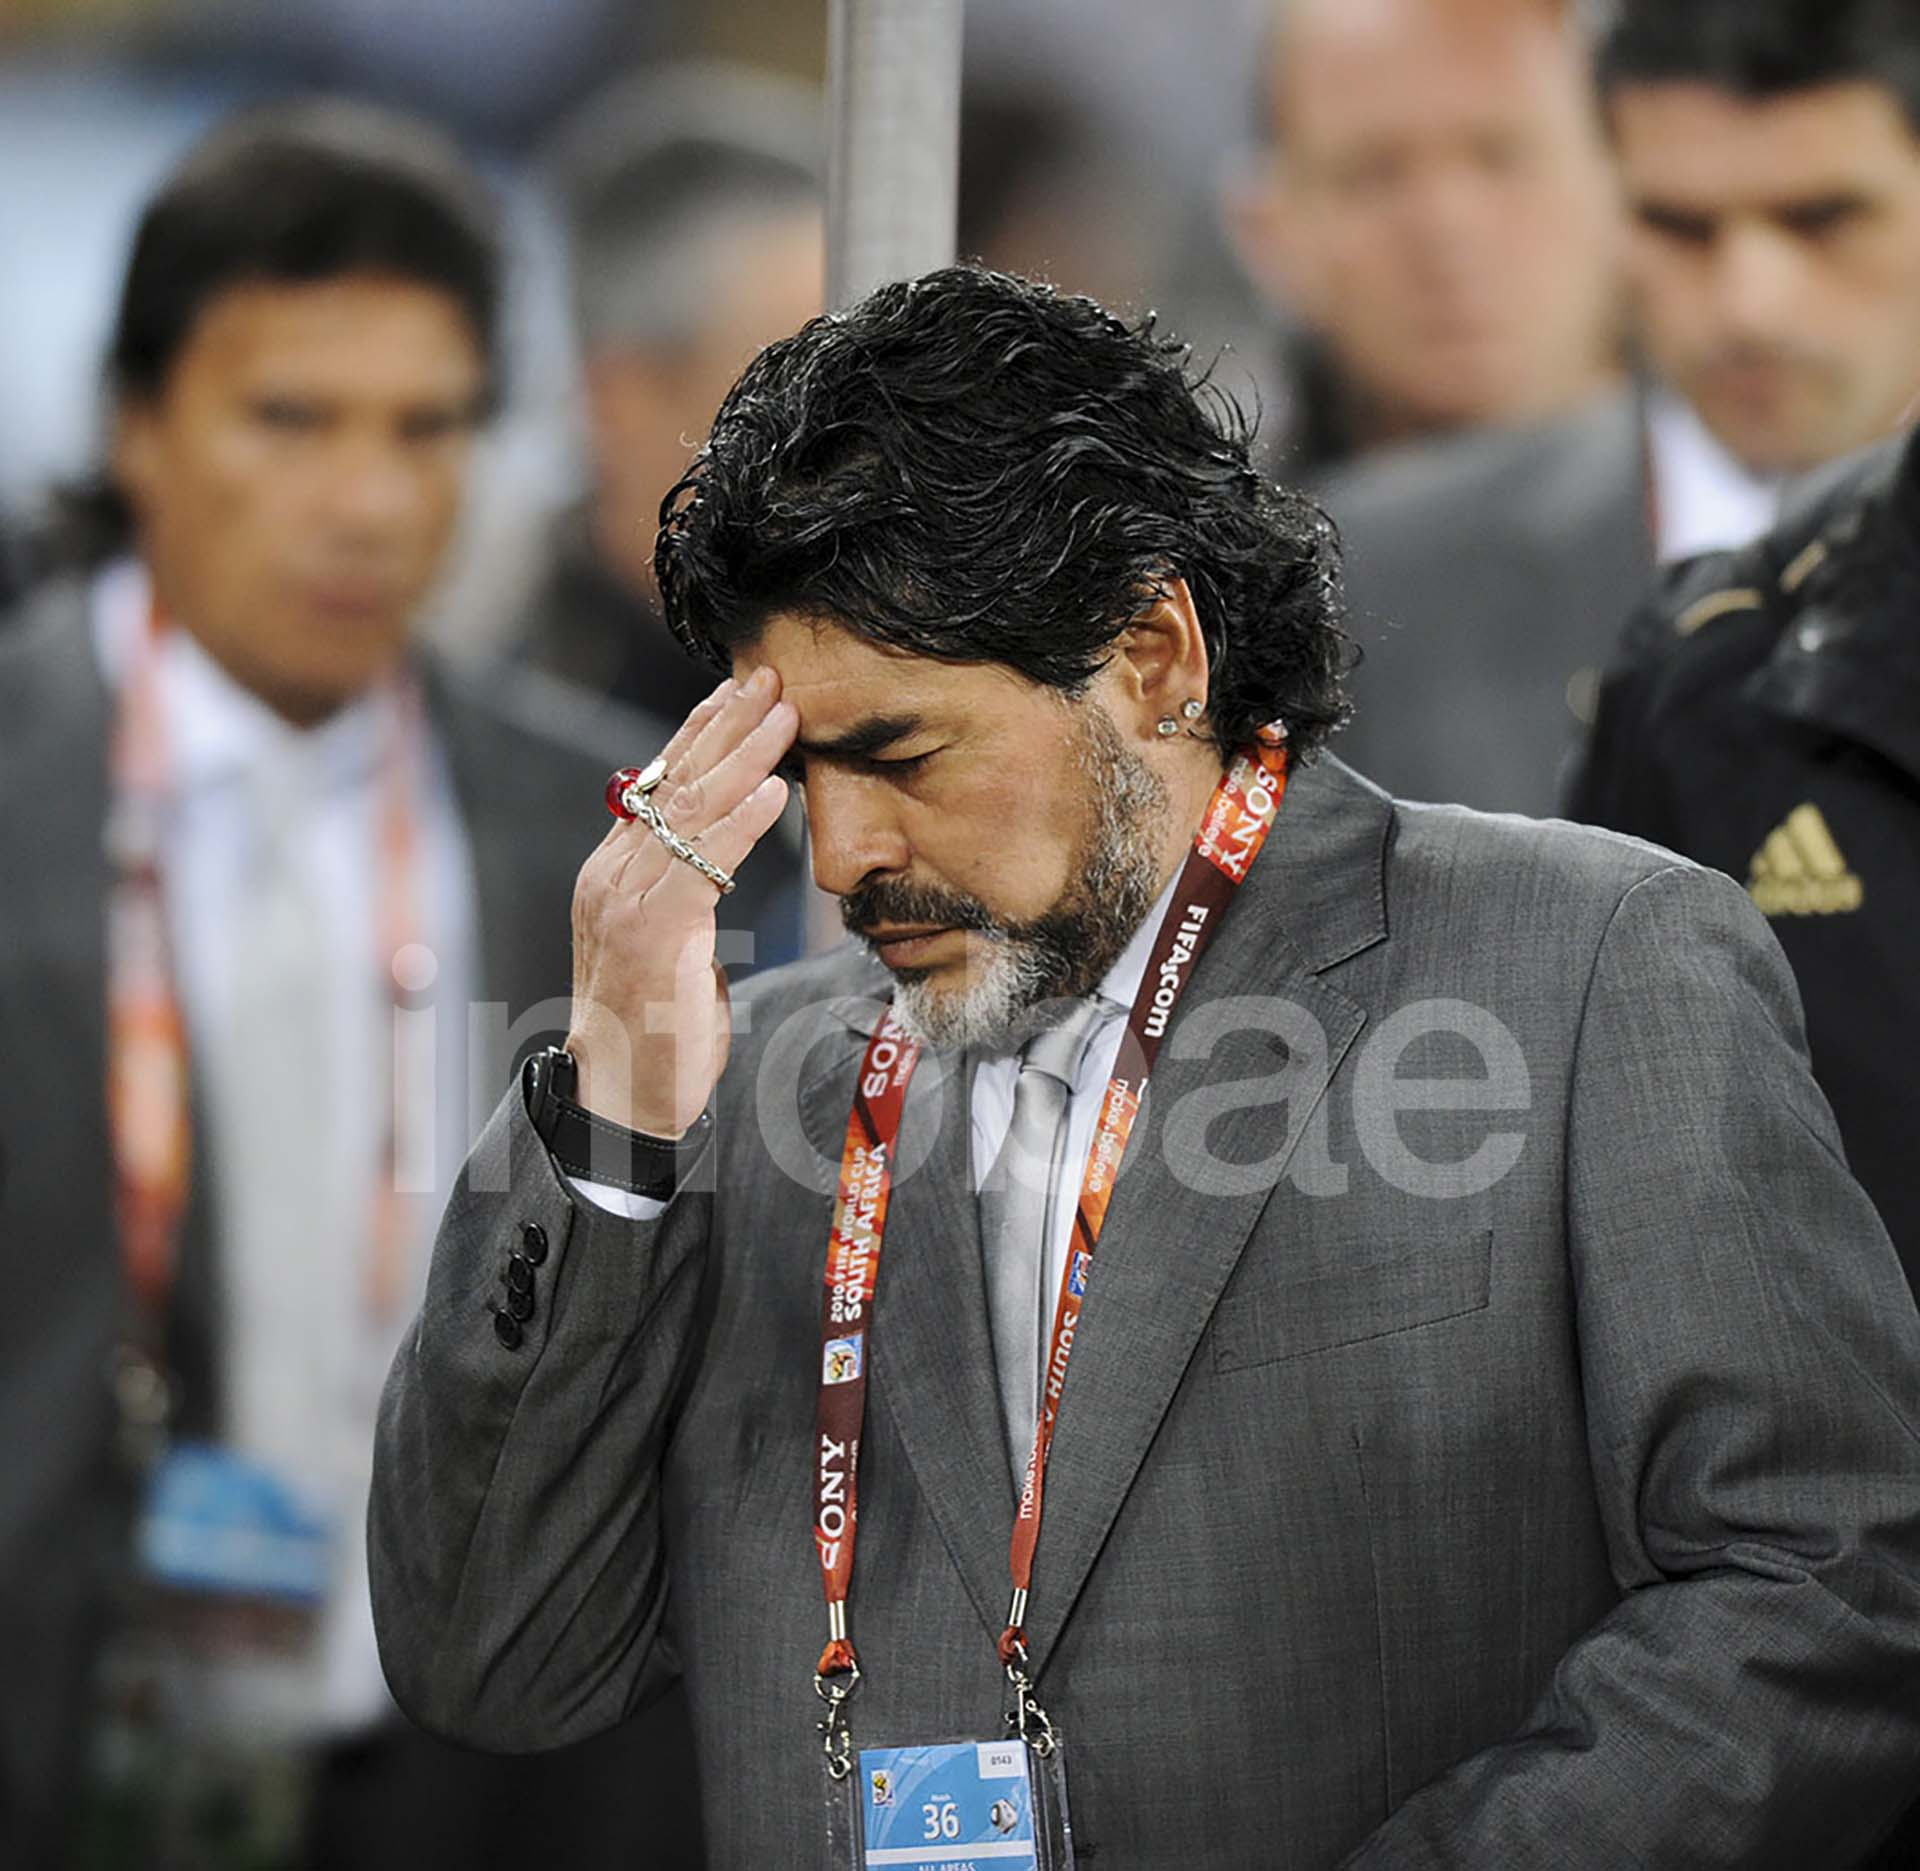 Diego Maradona se lamenta luego de la eliminación de Argentina a manos de Alemania tras sufrir una dura derrota en el 2010